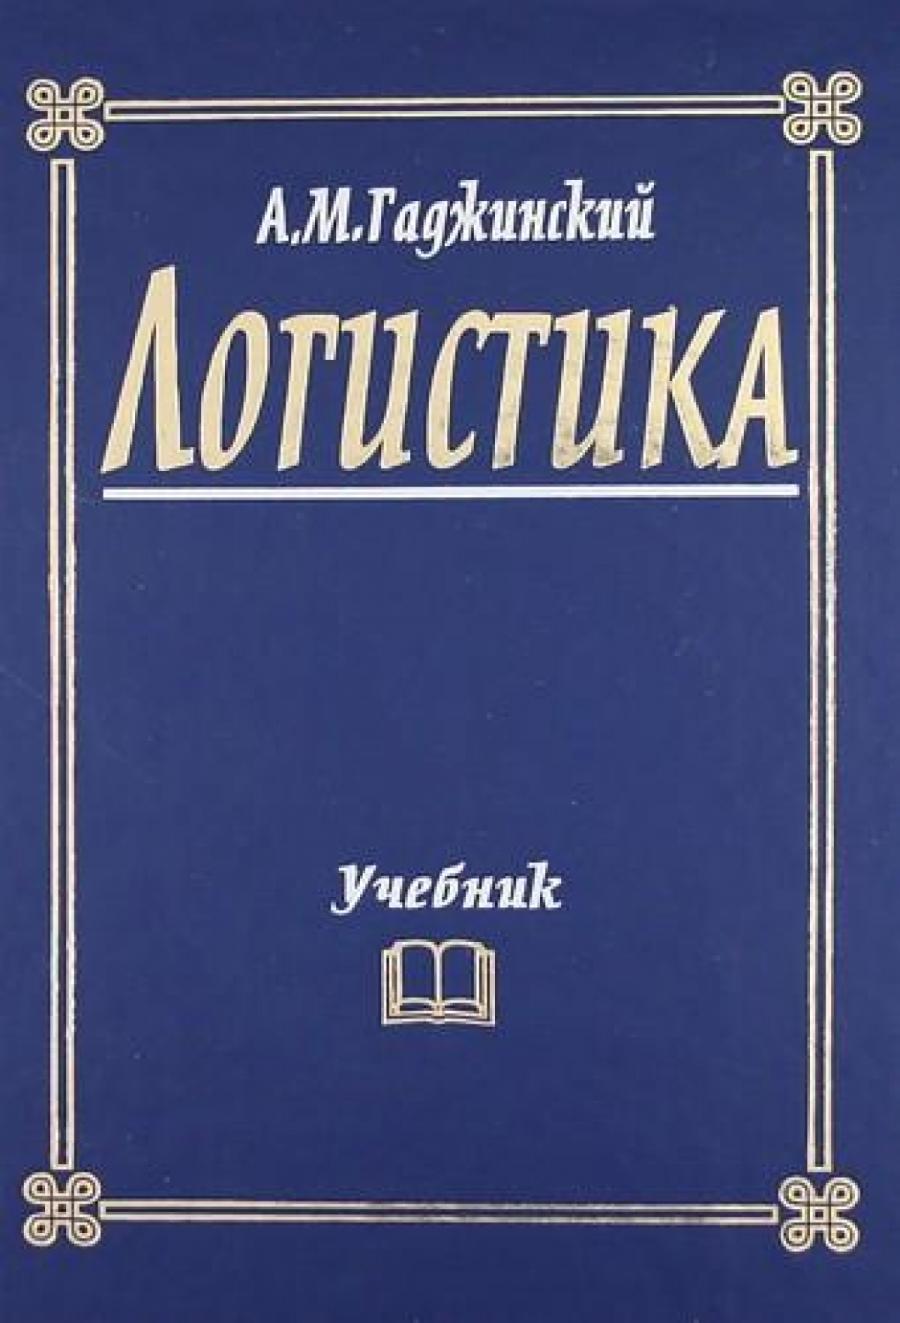 Обложка книги:  а. м. гаджинский - логистика